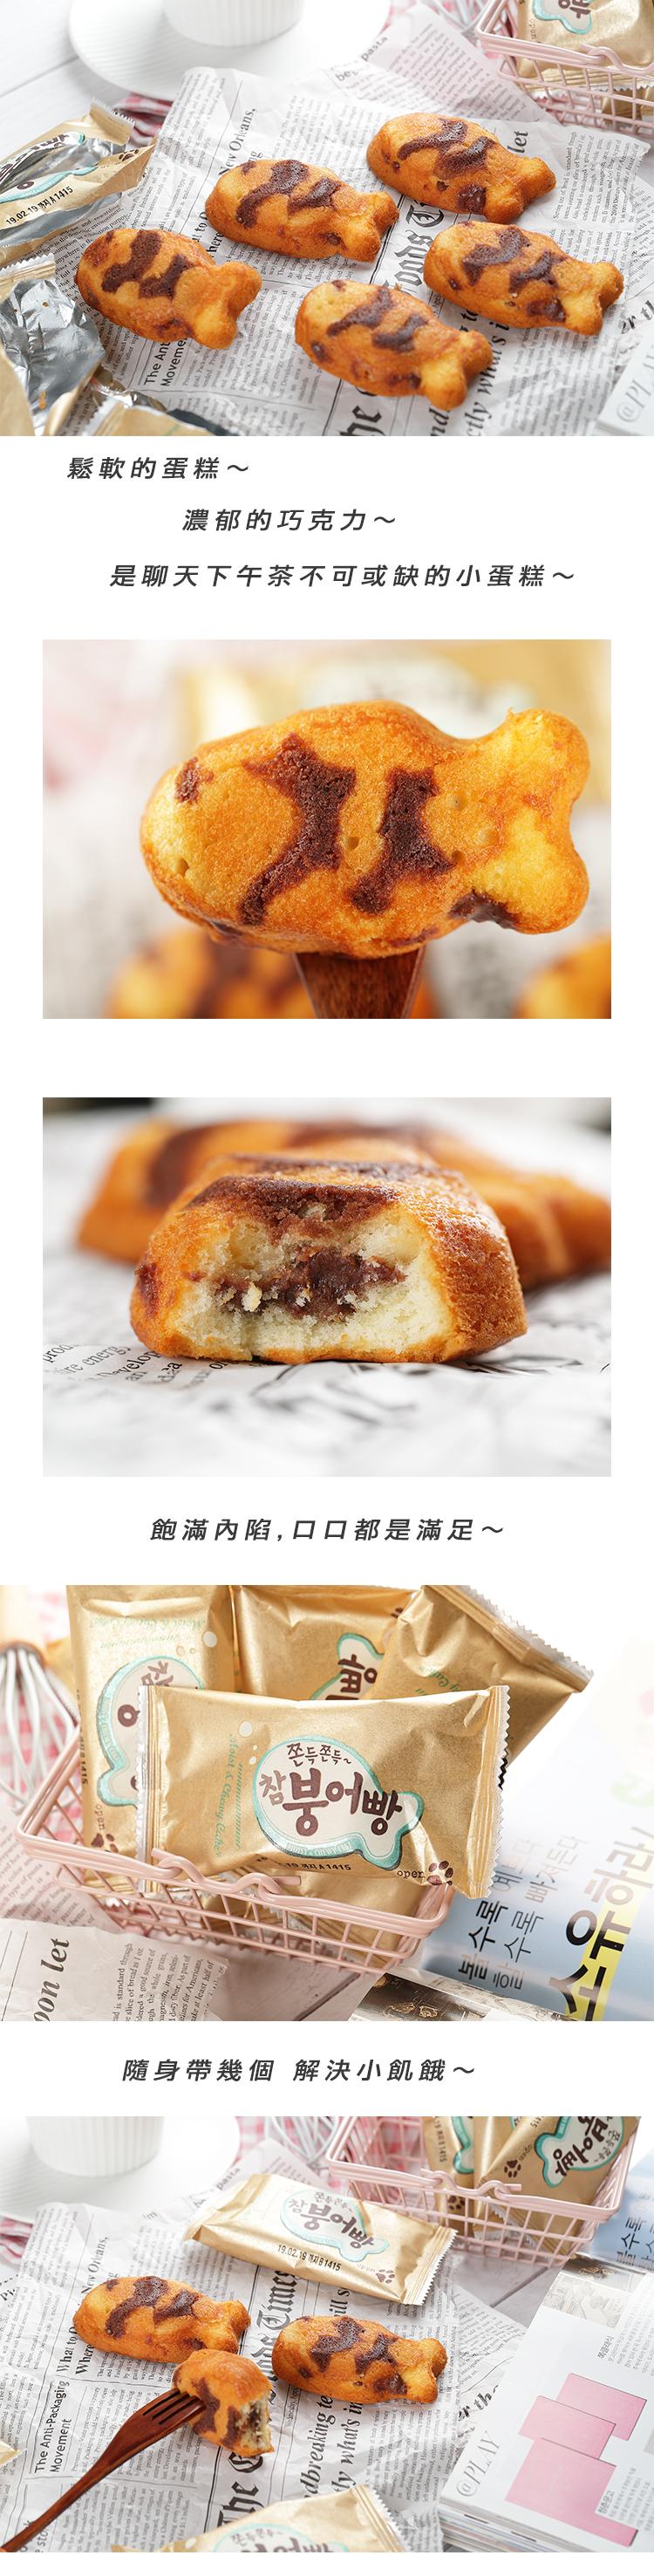 小魚巧克力蛋糕12入ec